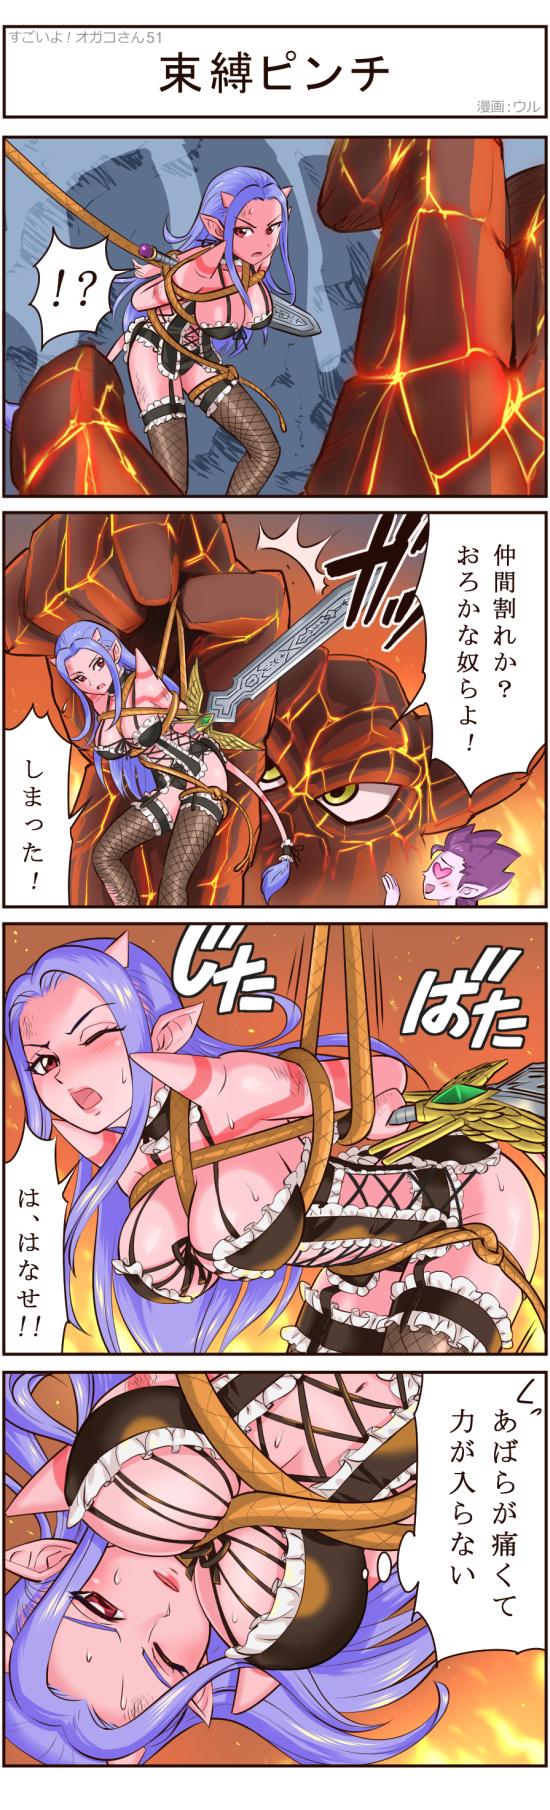 4コマ漫画DQXすごいよ!オガコさん第51話